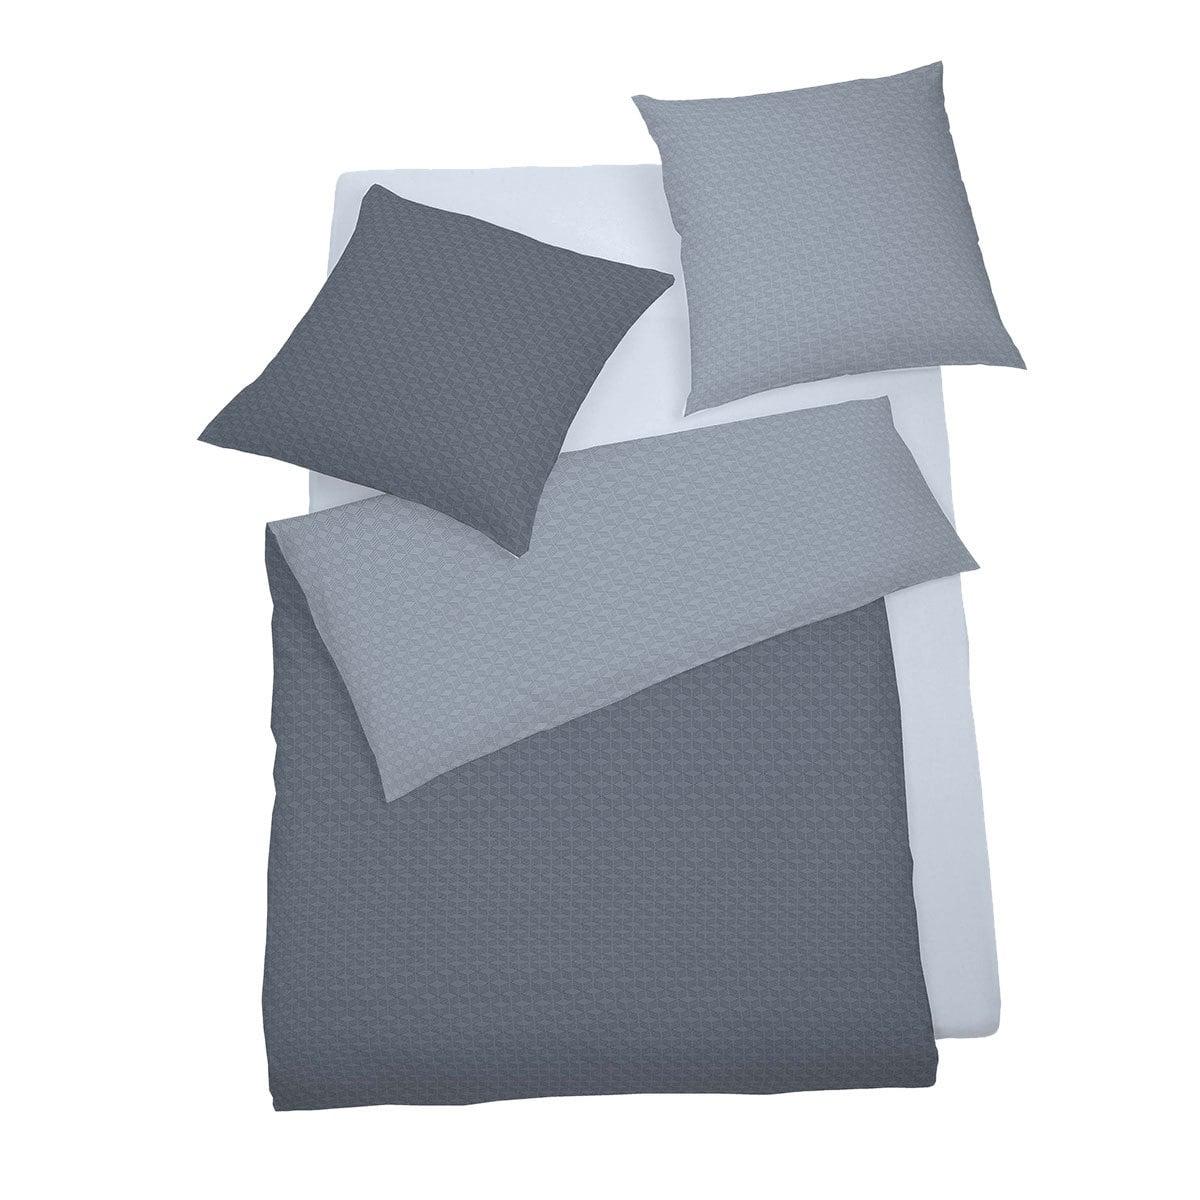 schlafgut mako satin bettw sche negro blau g nstig online kaufen bei bettwaren shop. Black Bedroom Furniture Sets. Home Design Ideas